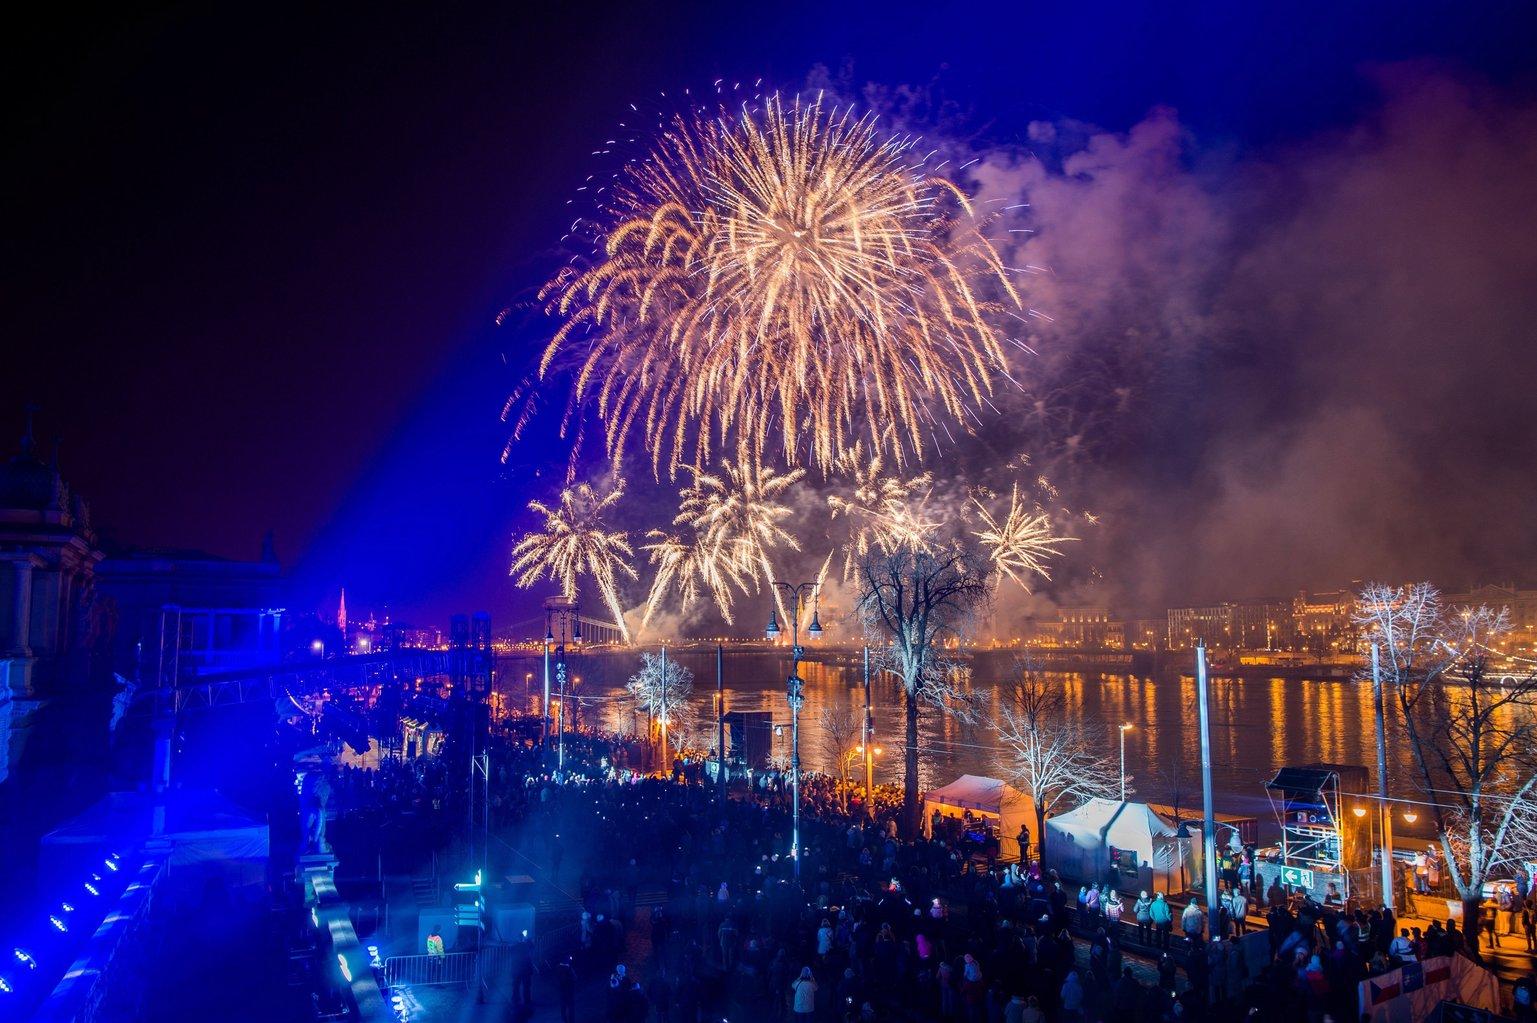 Budapest, 2018. február 11. Tűzijáték a Duna felett a visegrádi négyek (V4) megalakulásának évfordulója alkalmából rendezett V4 karnevál keretében a fővárosi Várkert Bazárnál 2018. február 11-én. MTI Fotó: Balogh Zoltán